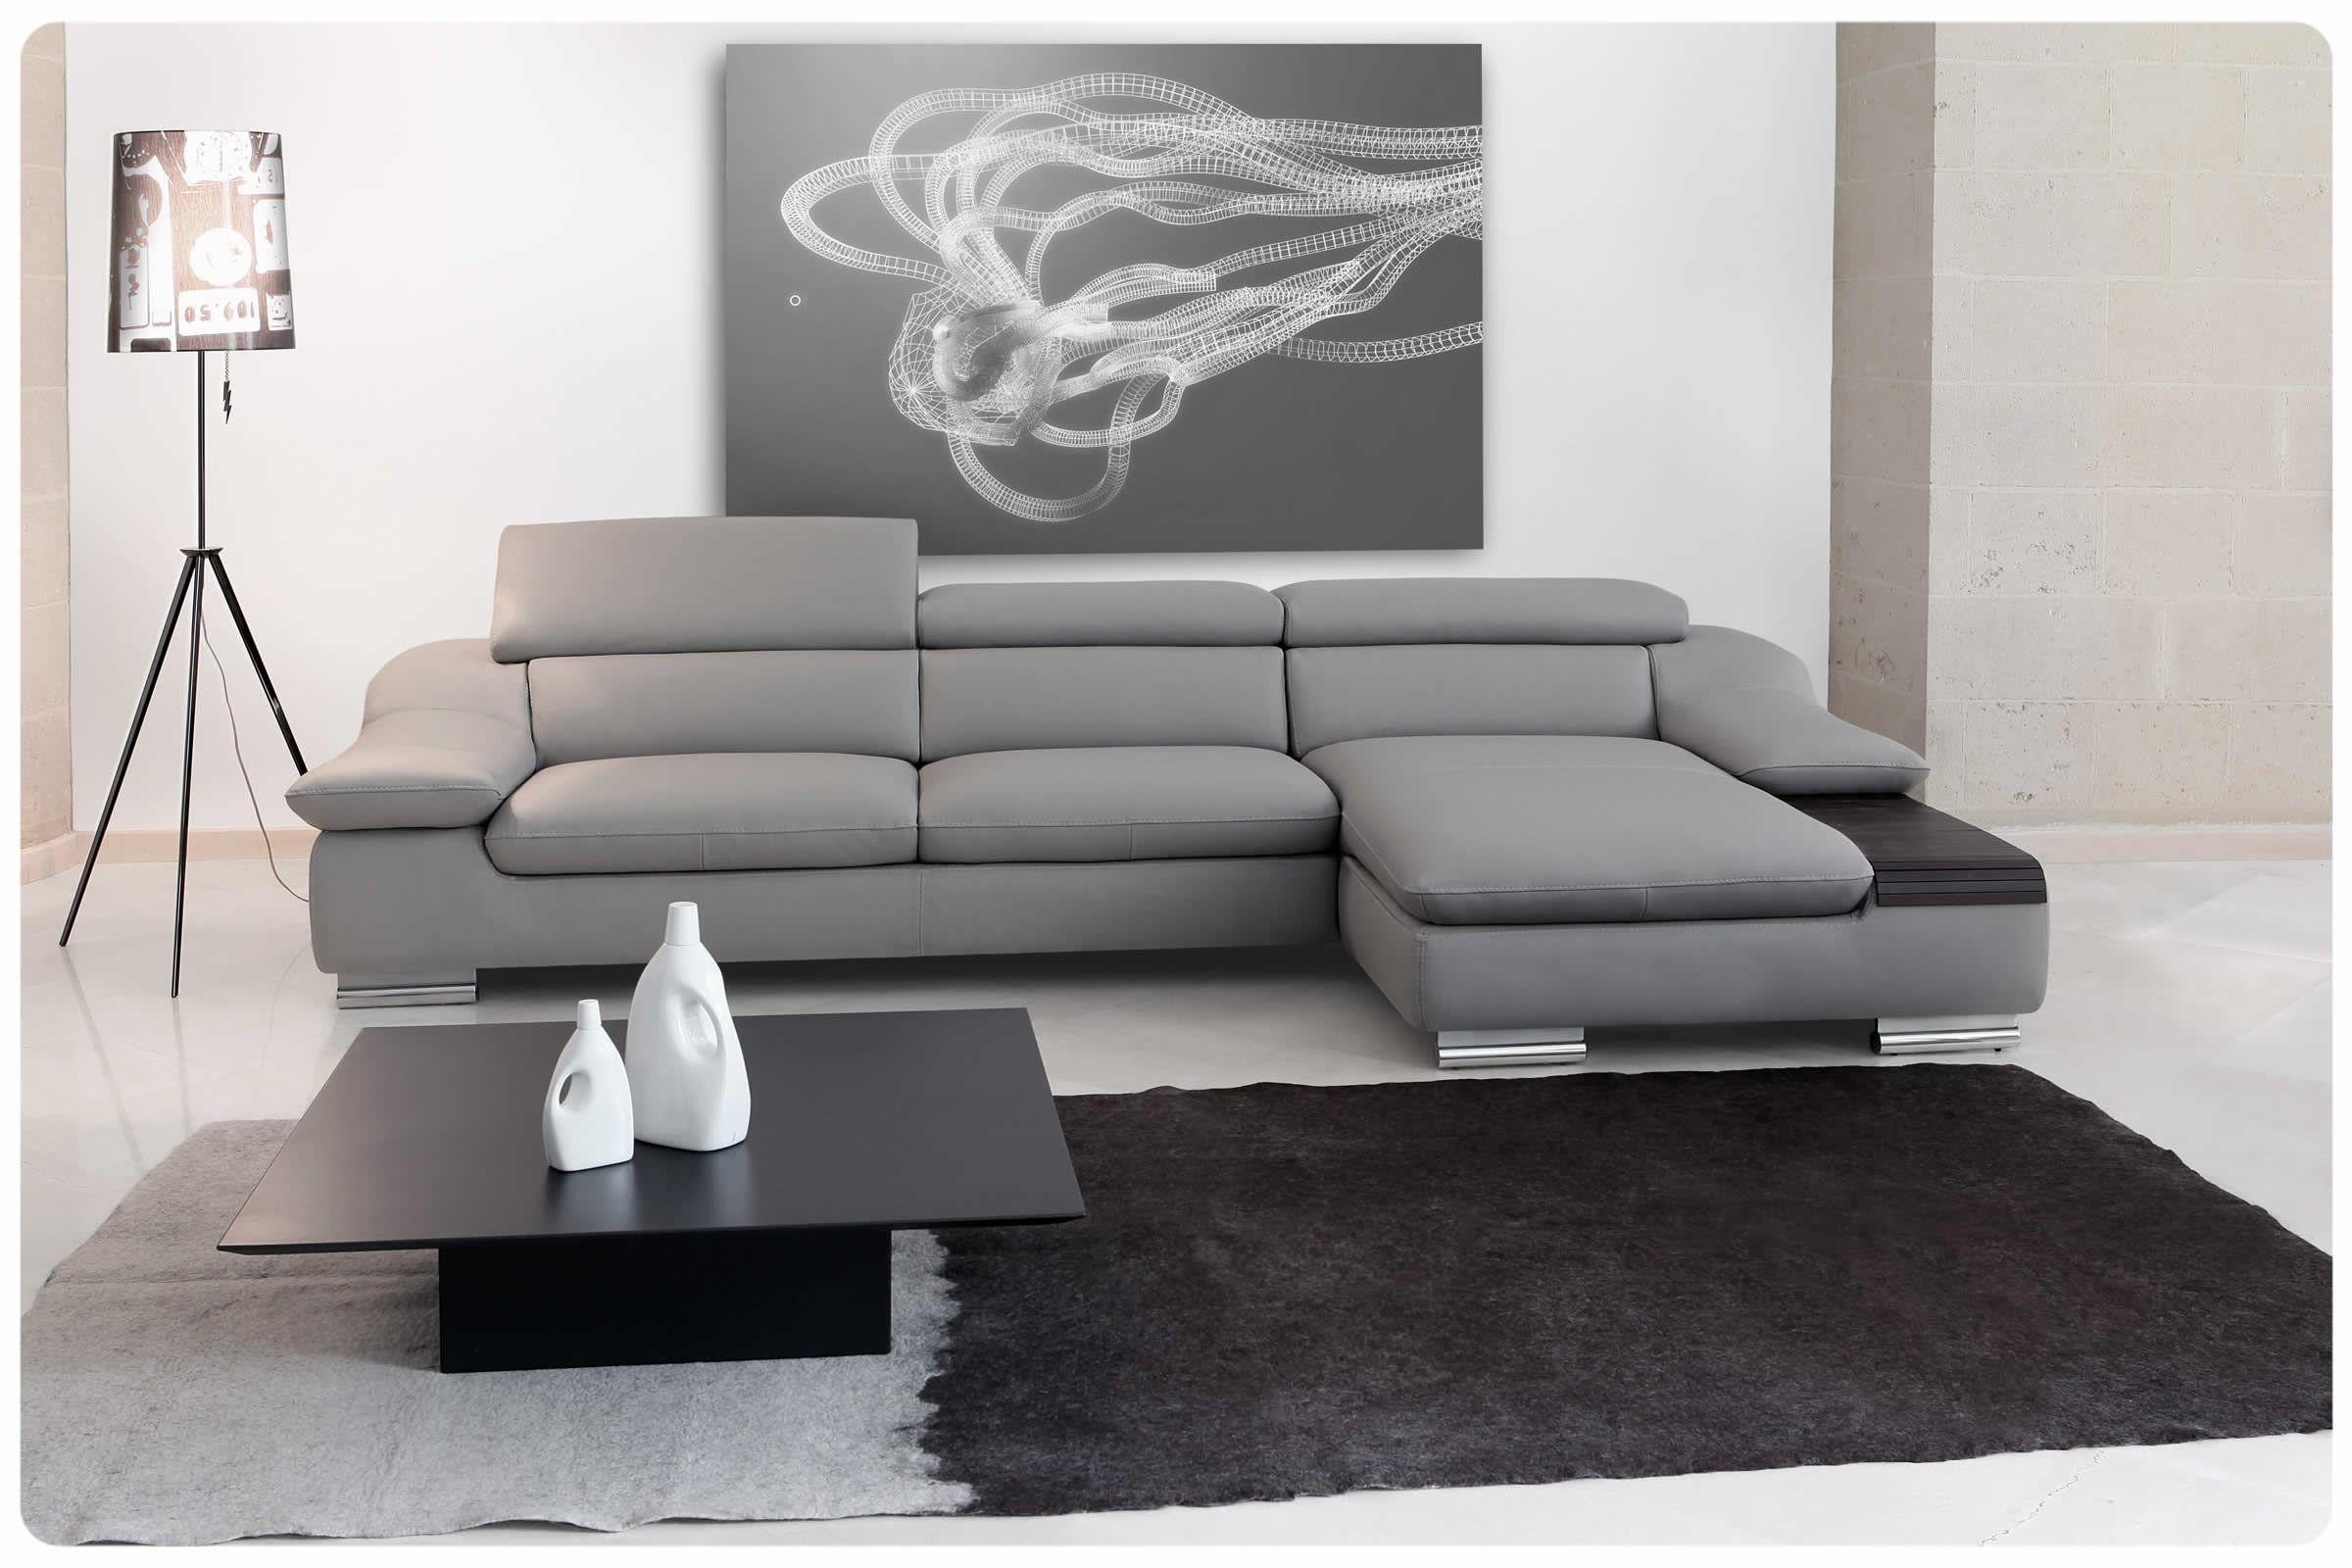 Disegno divano ~ Speedway similpelle bianco tessuto elephant è un divano letto